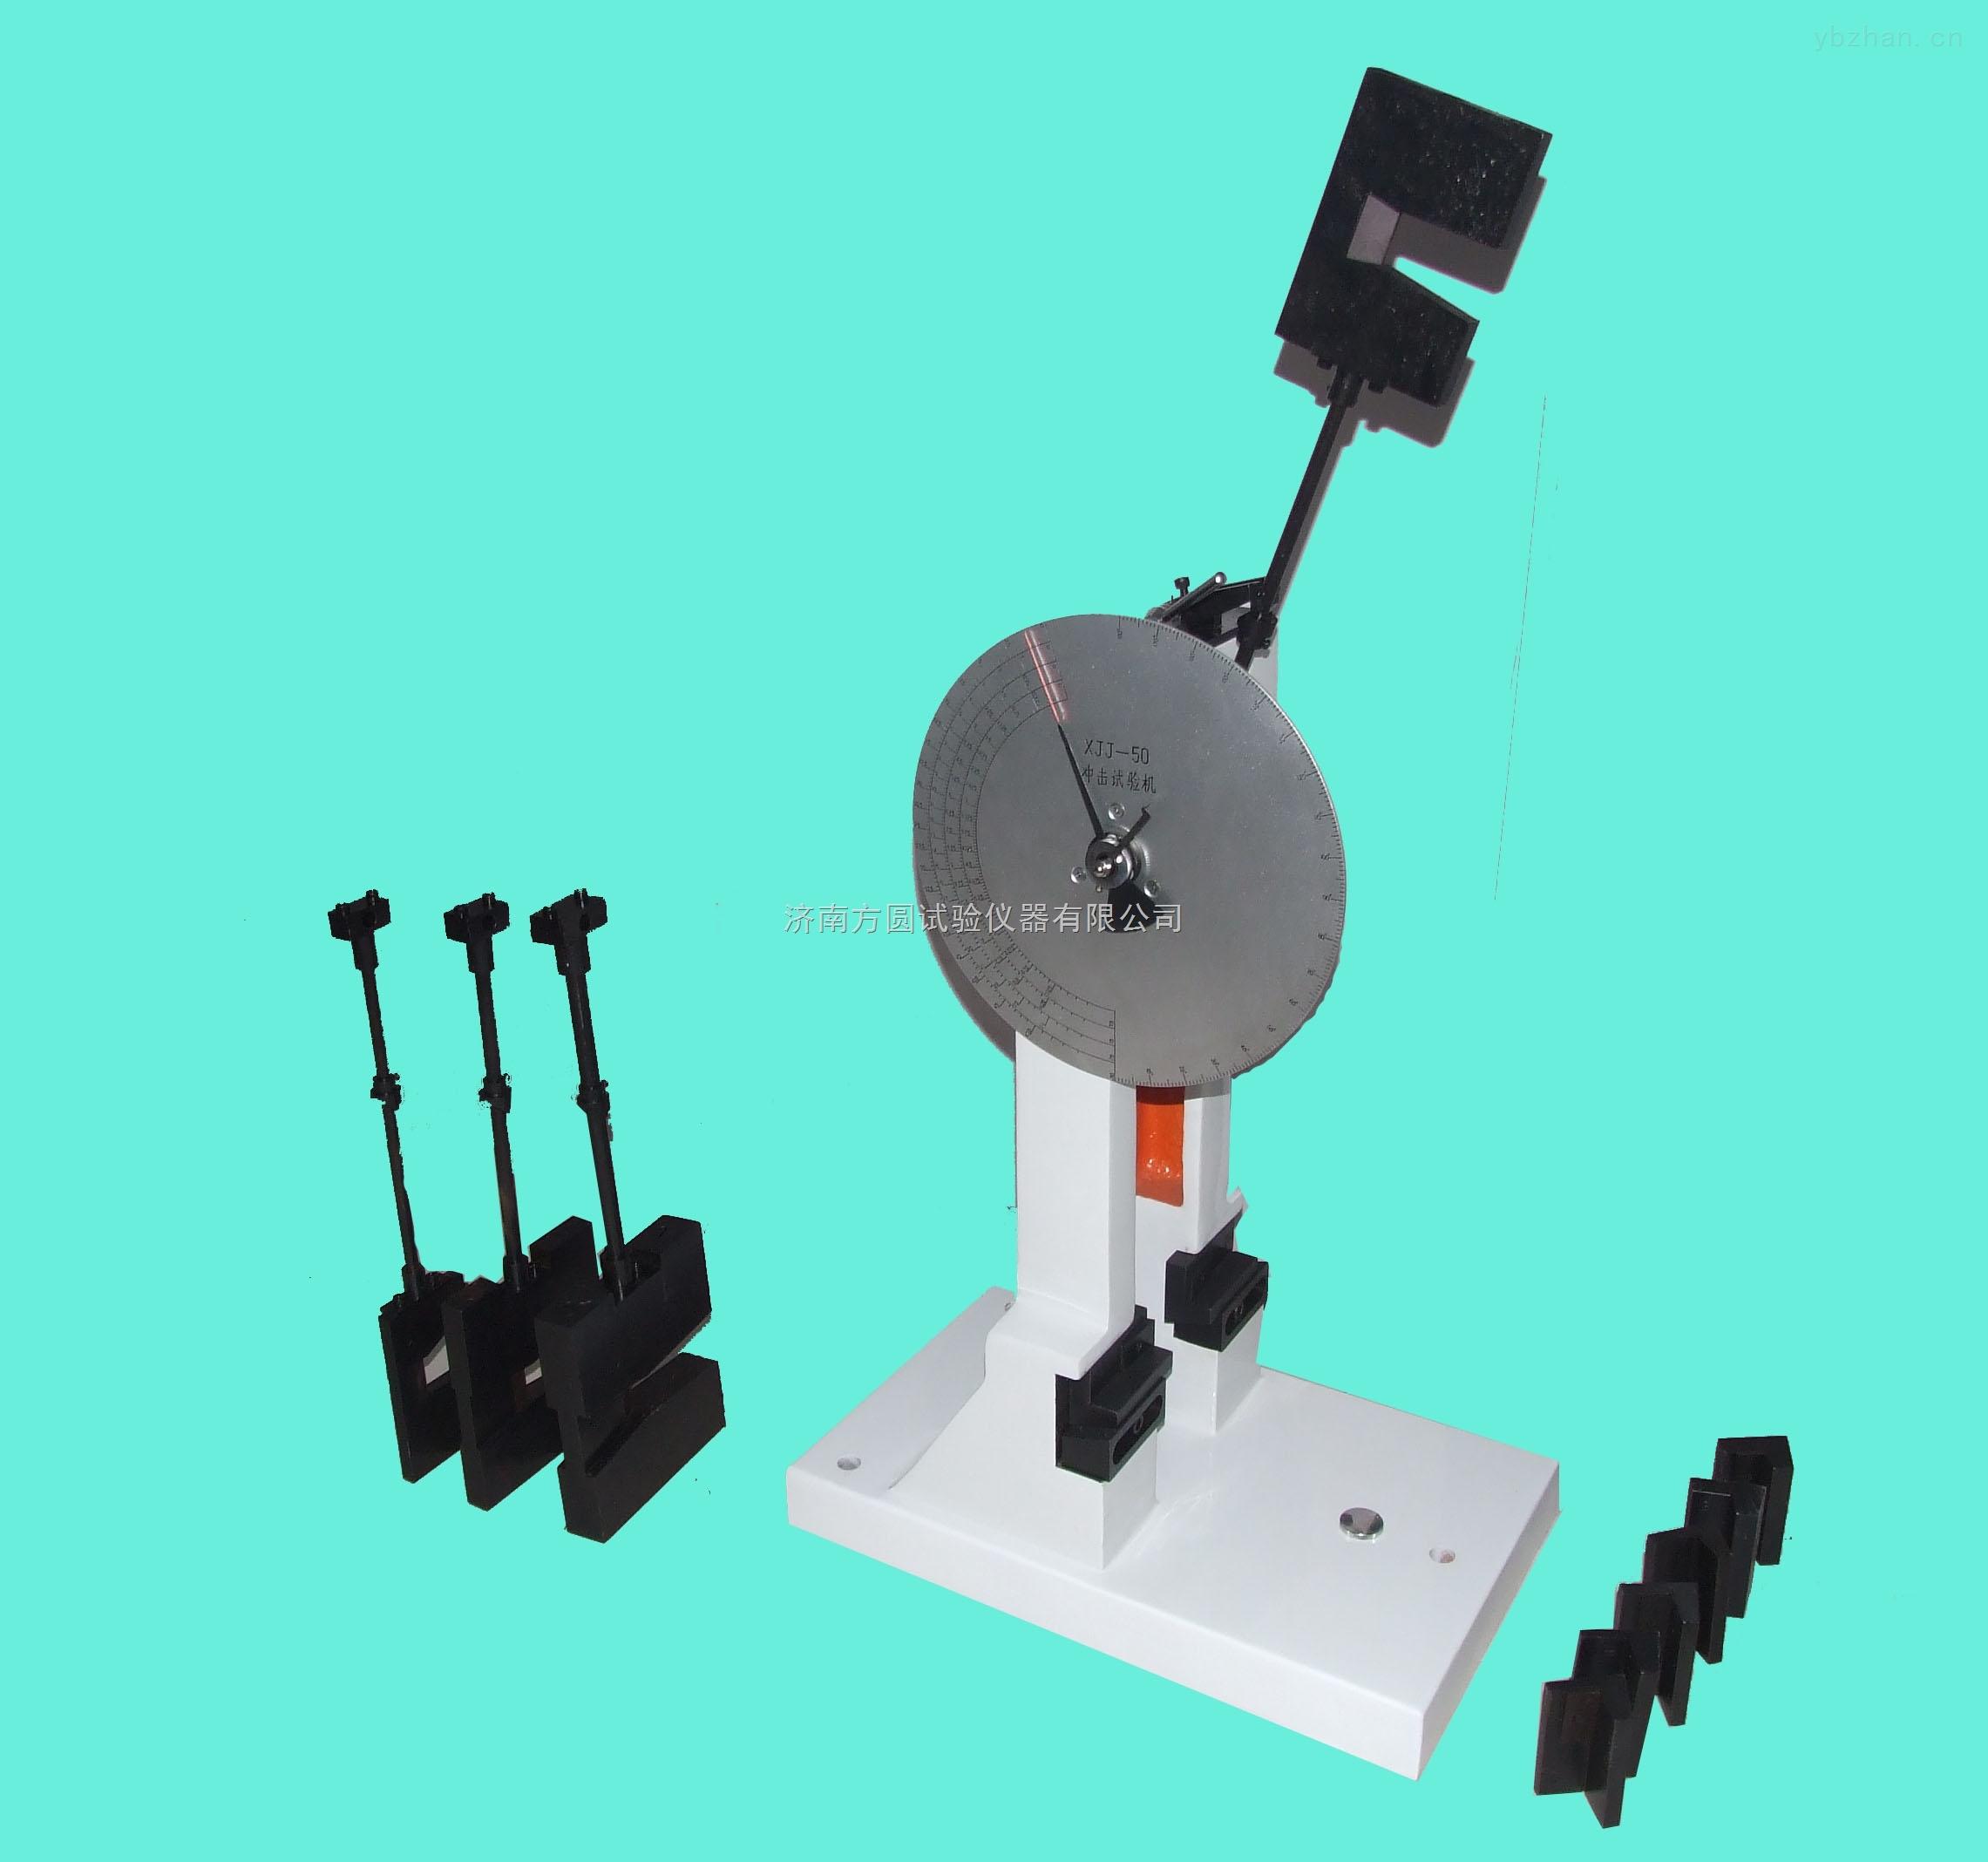 纖維增強塑料簡支梁沖擊韌性試驗機 V型試樣塑料沖擊試驗設備